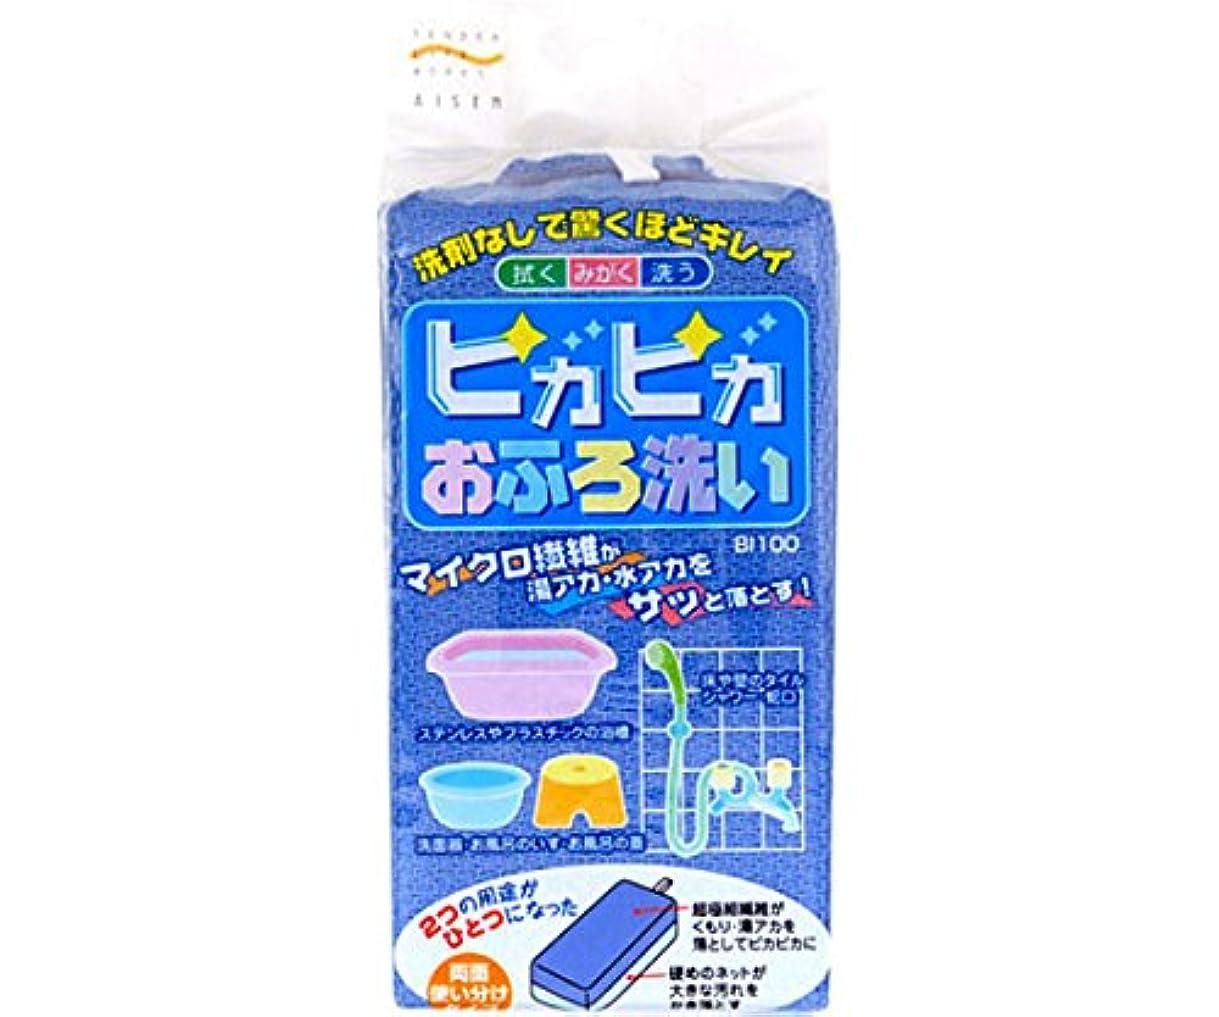 ピカピカ お風呂洗い BI-100 アイセン